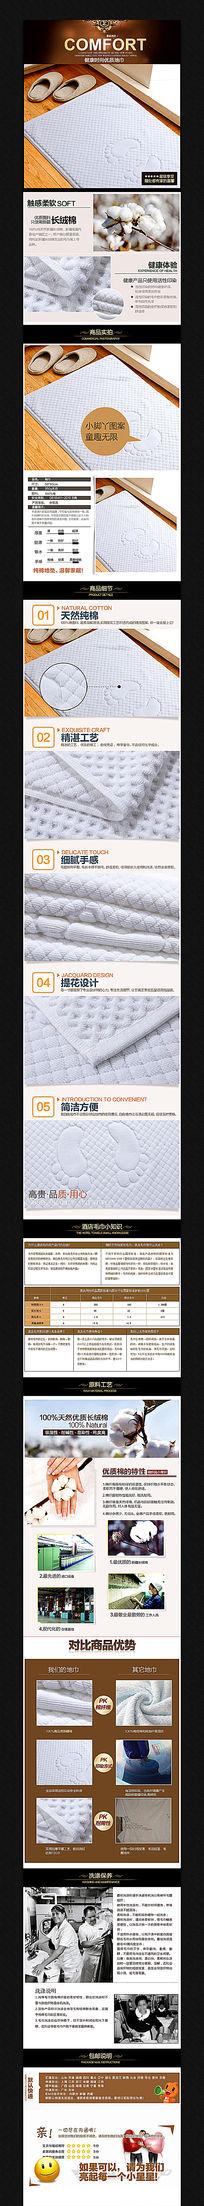 淘宝地巾地毯详情页描述